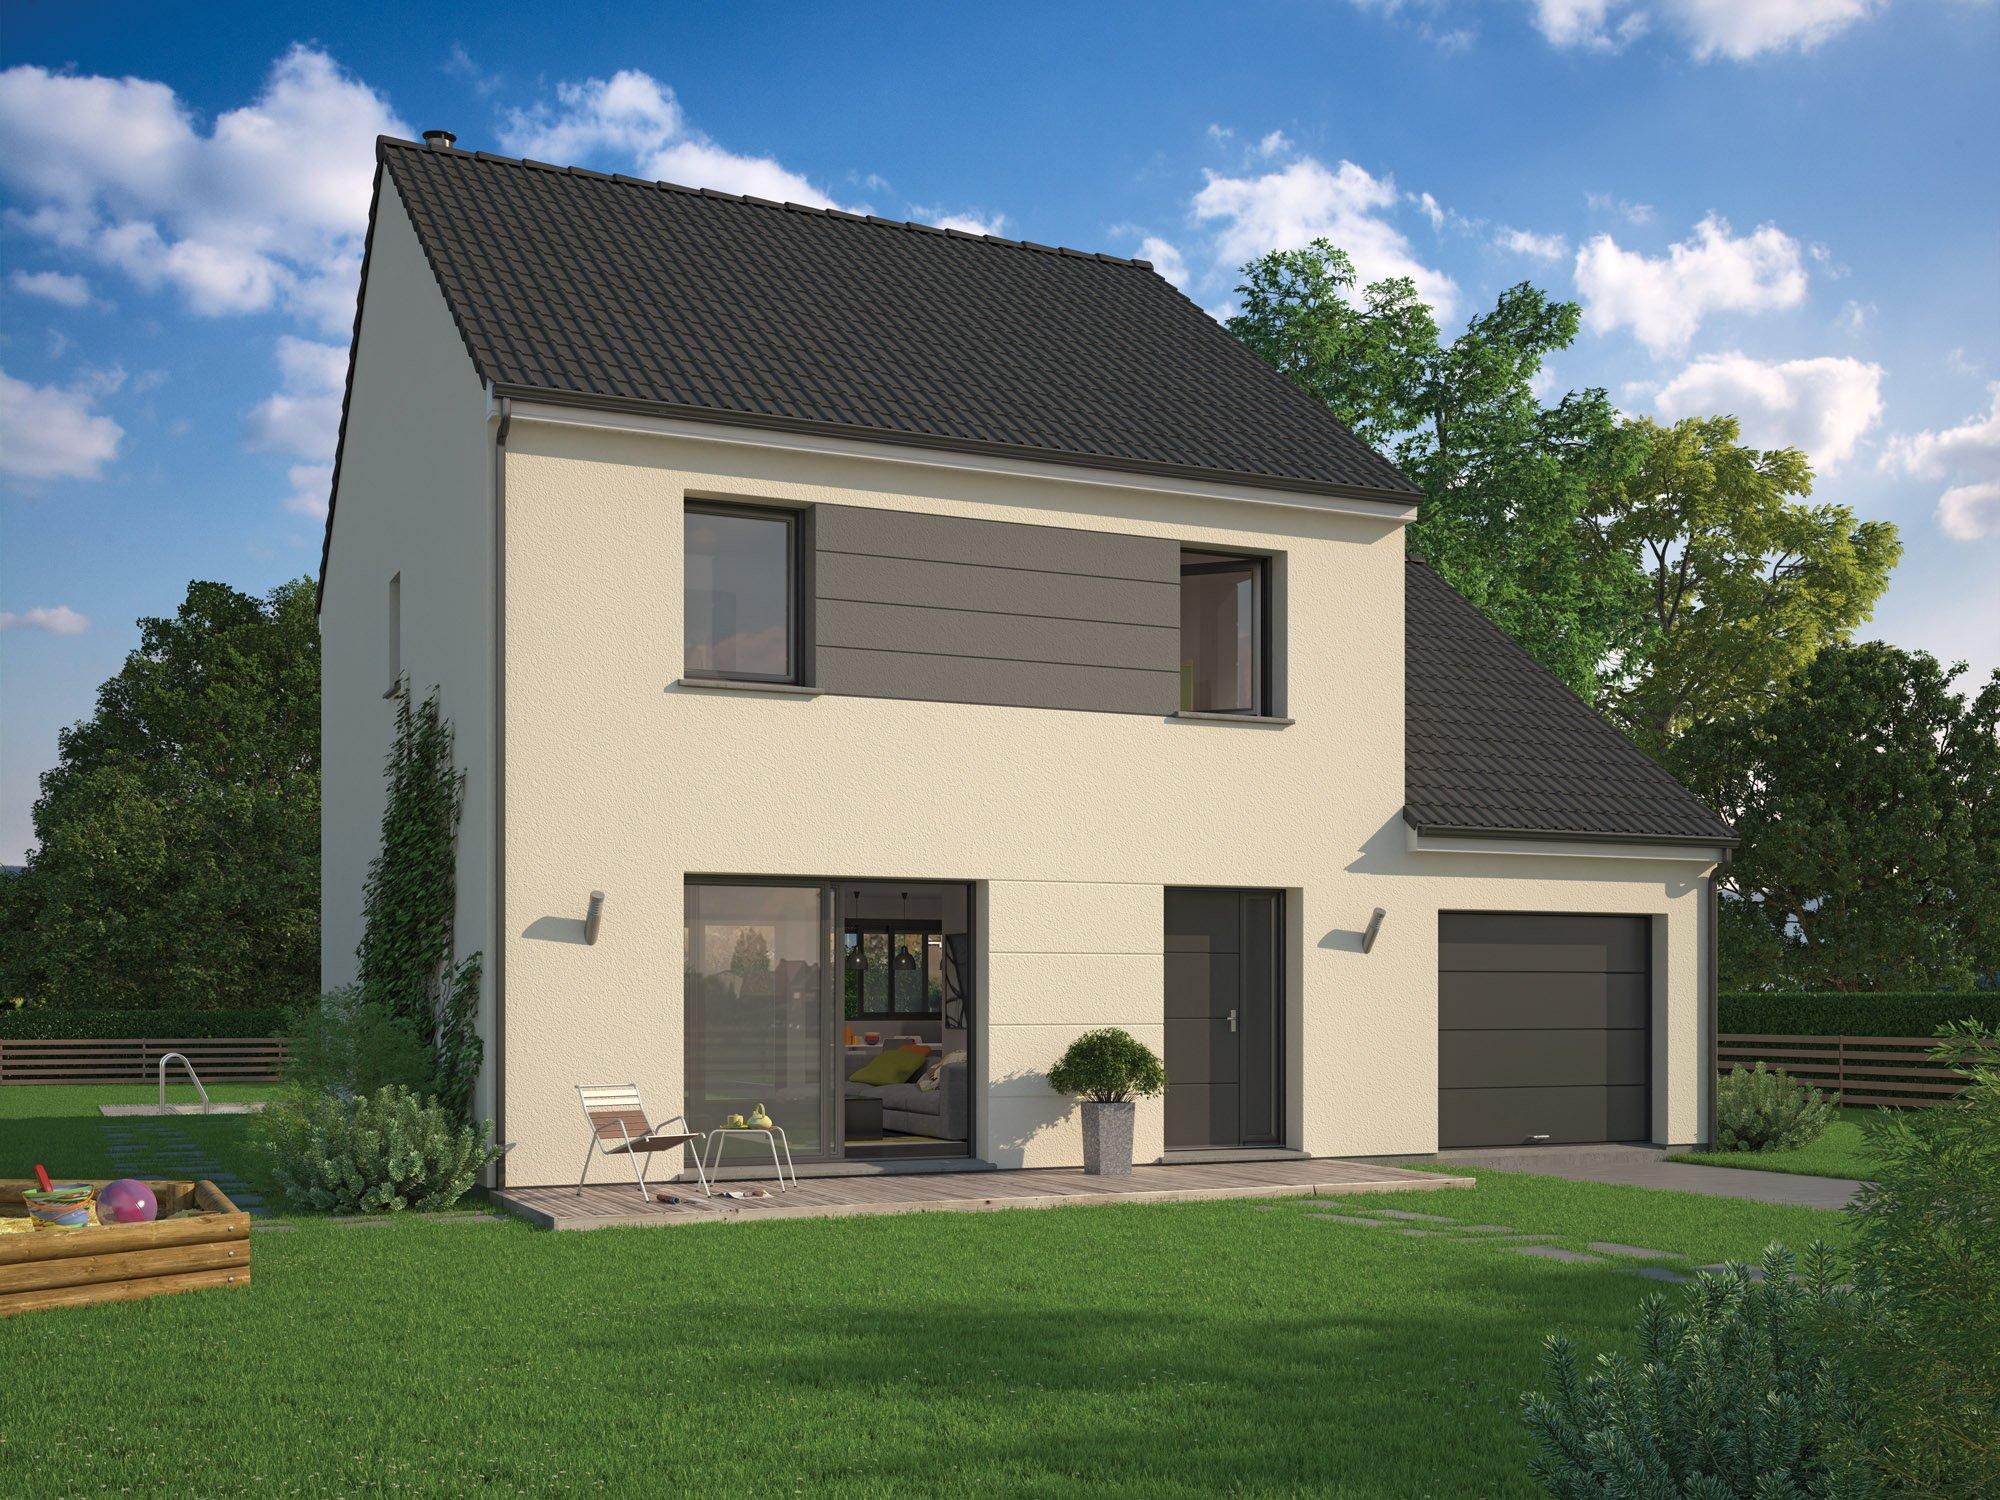 Maisons + Terrains du constructeur MAISON FAMILIALE • 128 m² • MERIEL